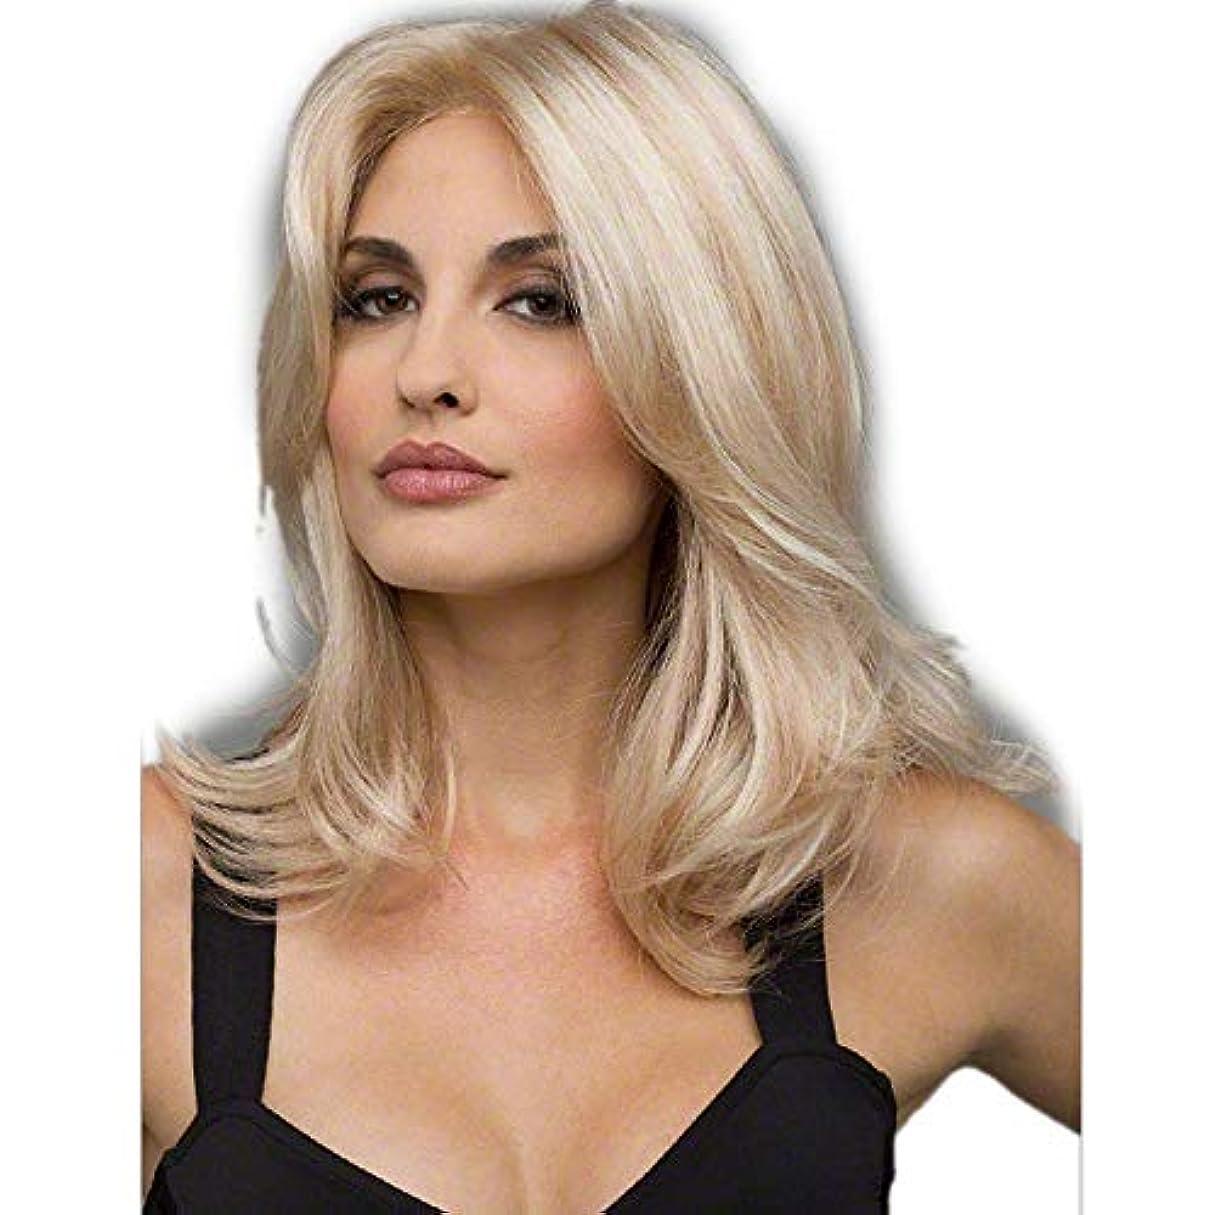 専制貧しい小川WASAIO ファッションオンブルブロンドかつら合成ロングストレートヘア (色 : Blonde)